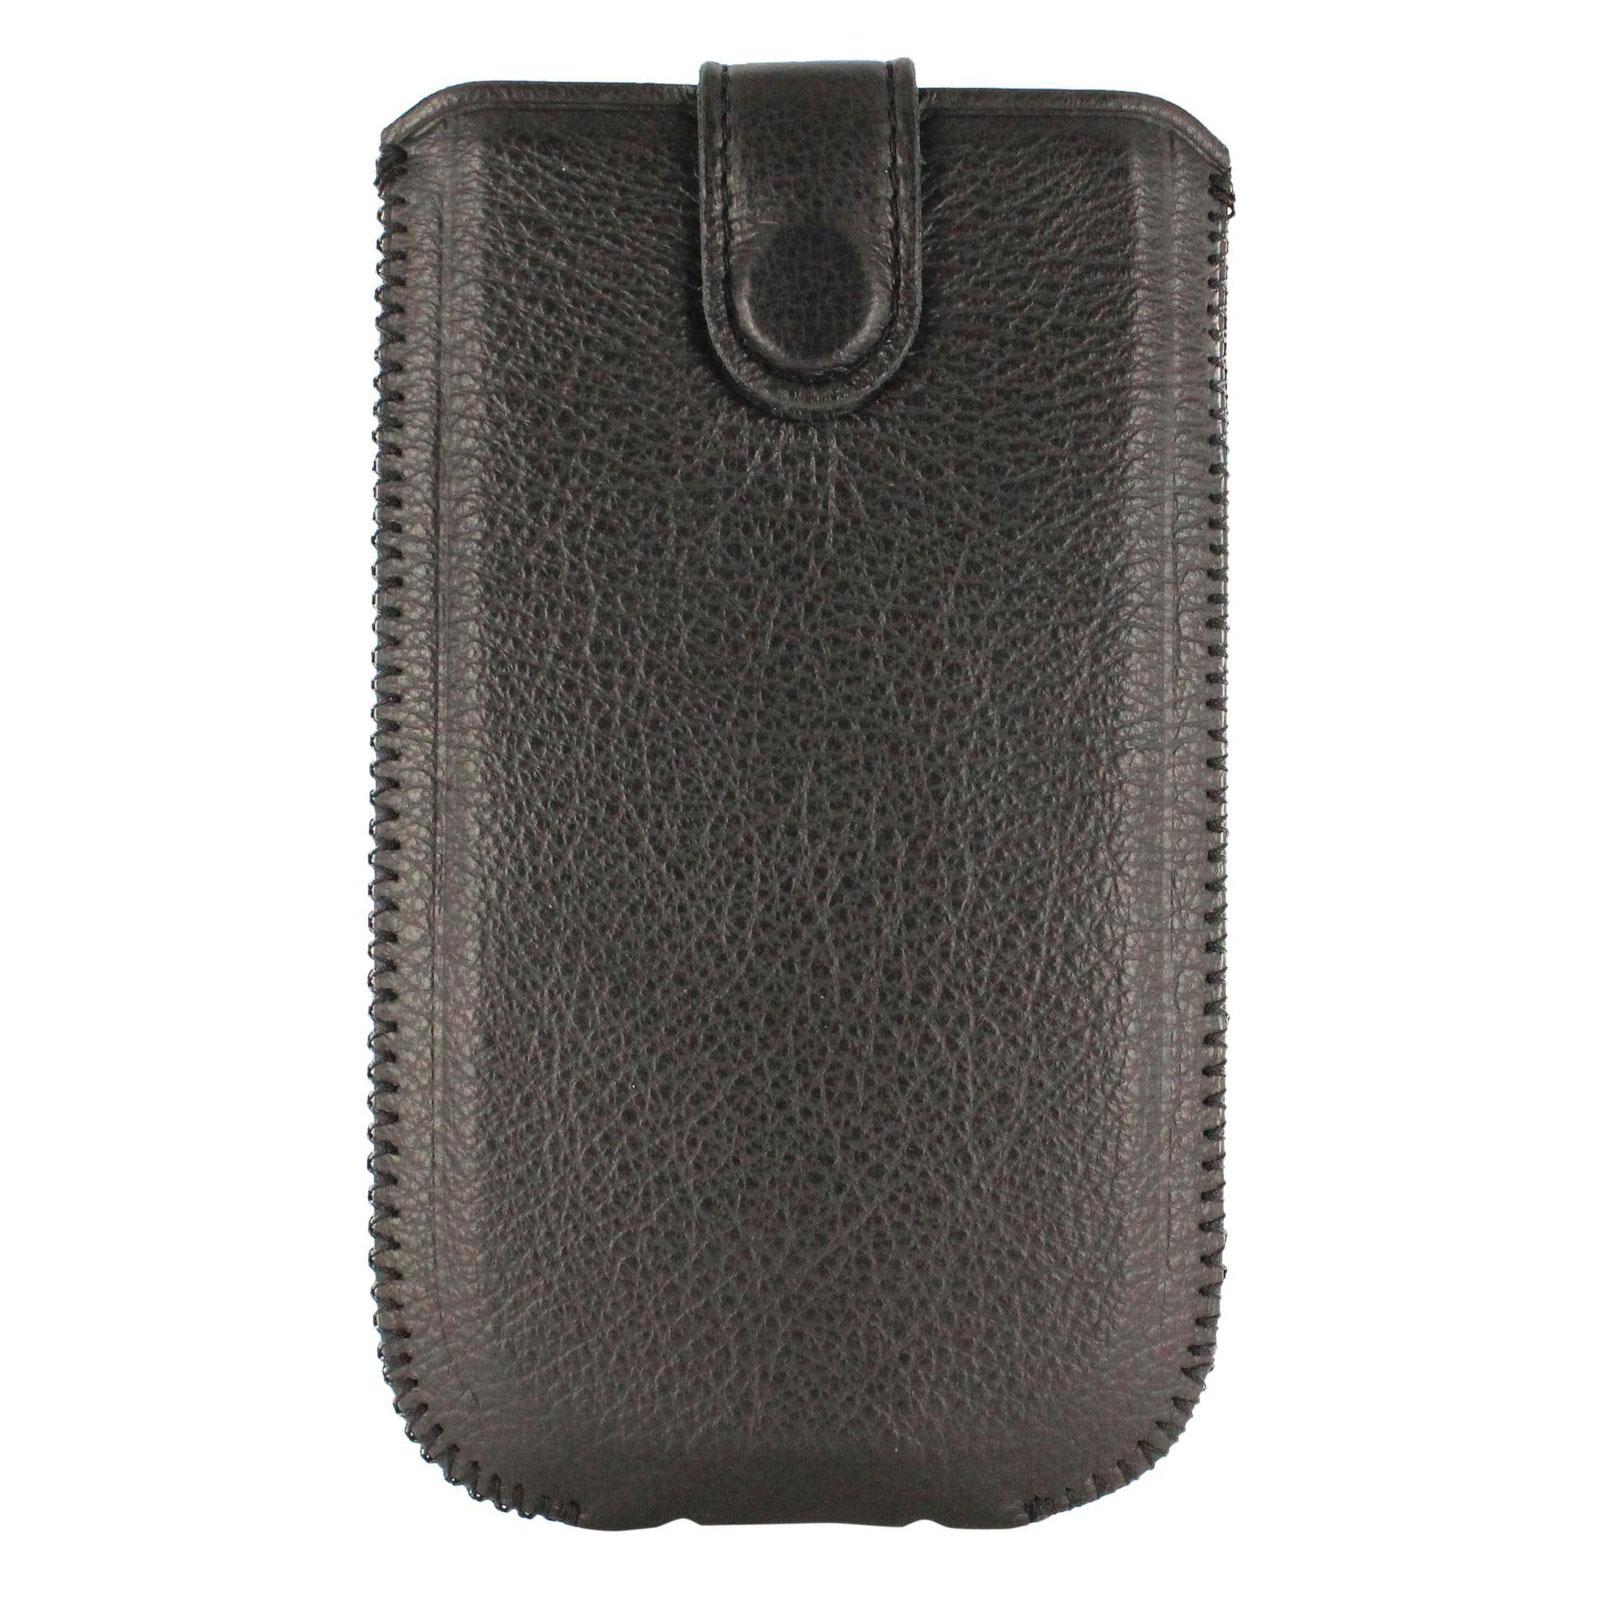 Etui téléphone Akashi Etui Universel Autolift Noir Taille L Etui en simili cuir